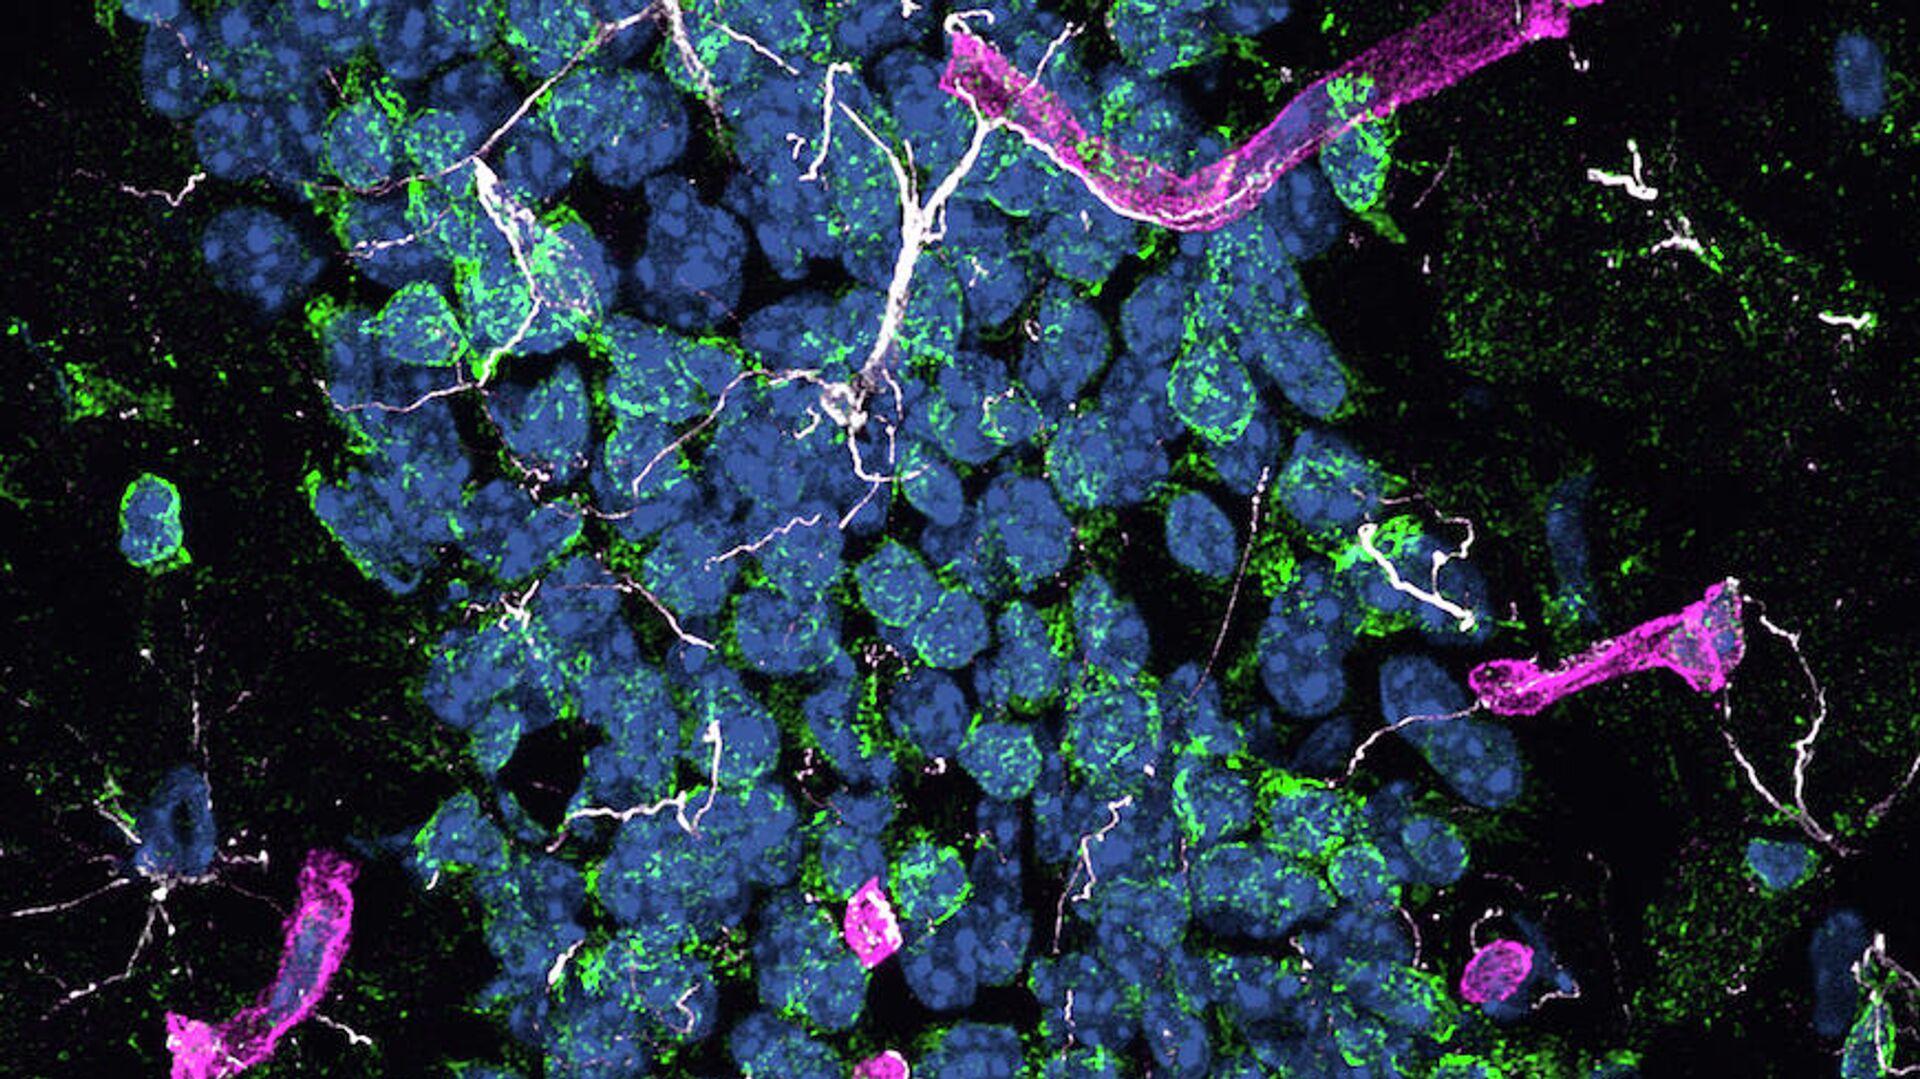 Фрагмент гиппокампа мышей с болезнью Альцгеймера. Проявления нейродегенерации: белым - активация астроцитов; зеленым - окислительный стресс; пурпурным - активация окружающих церебральных капилляров. Синим - ядра клеток - РИА Новости, 1920, 14.09.2021